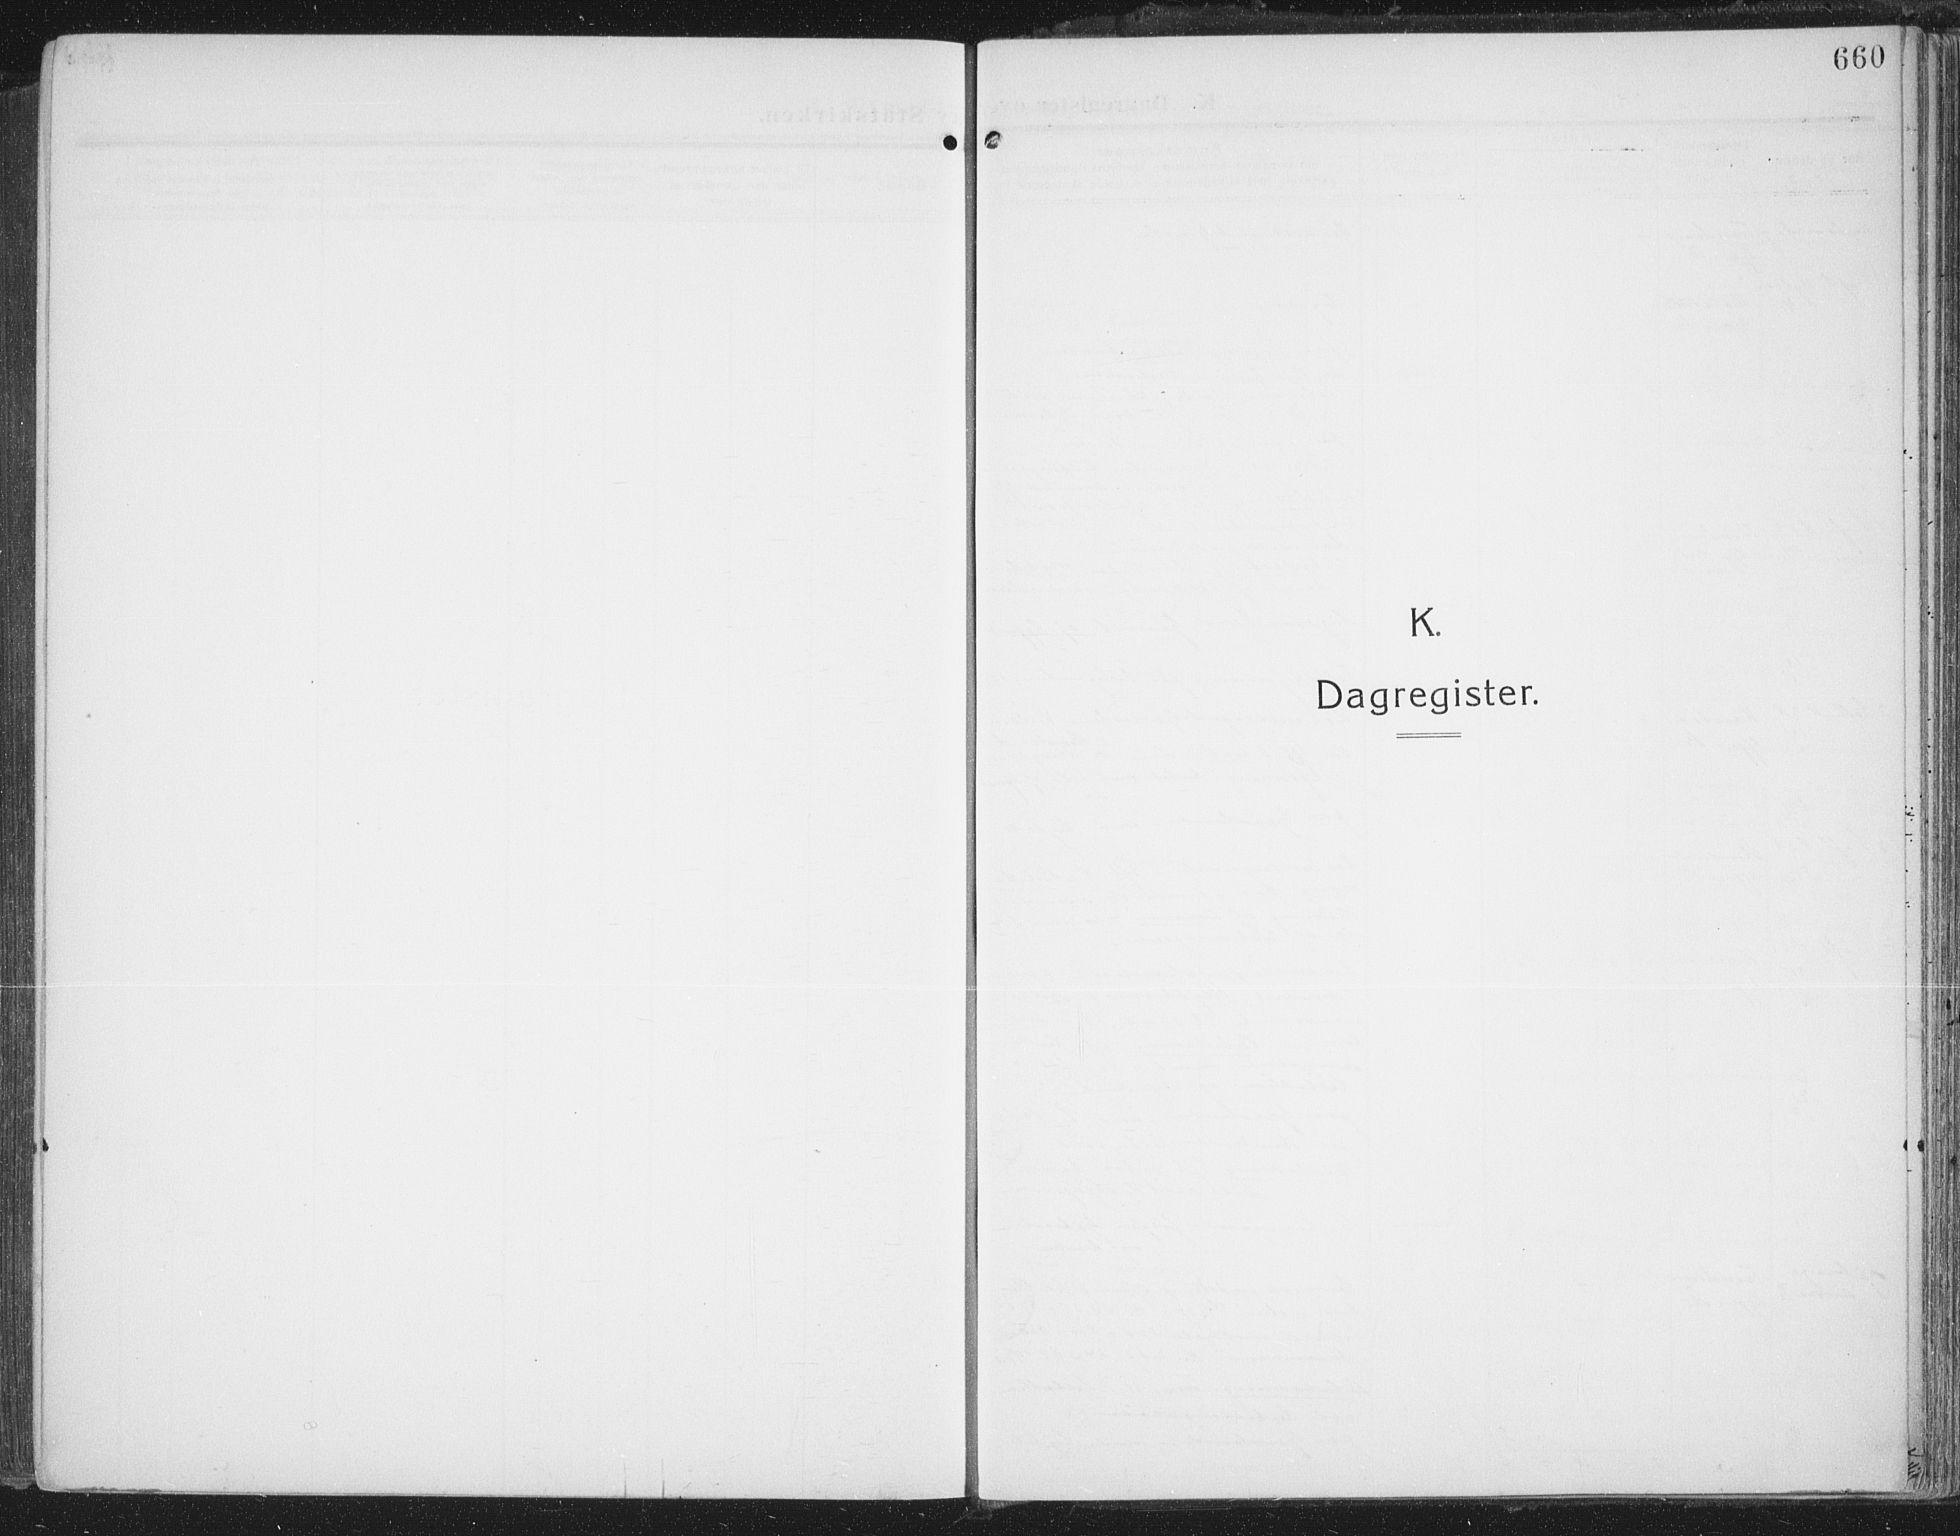 SATØ, Trondenes sokneprestkontor, H/Ha/L0018kirke: Ministerialbok nr. 18, 1909-1918, s. 660